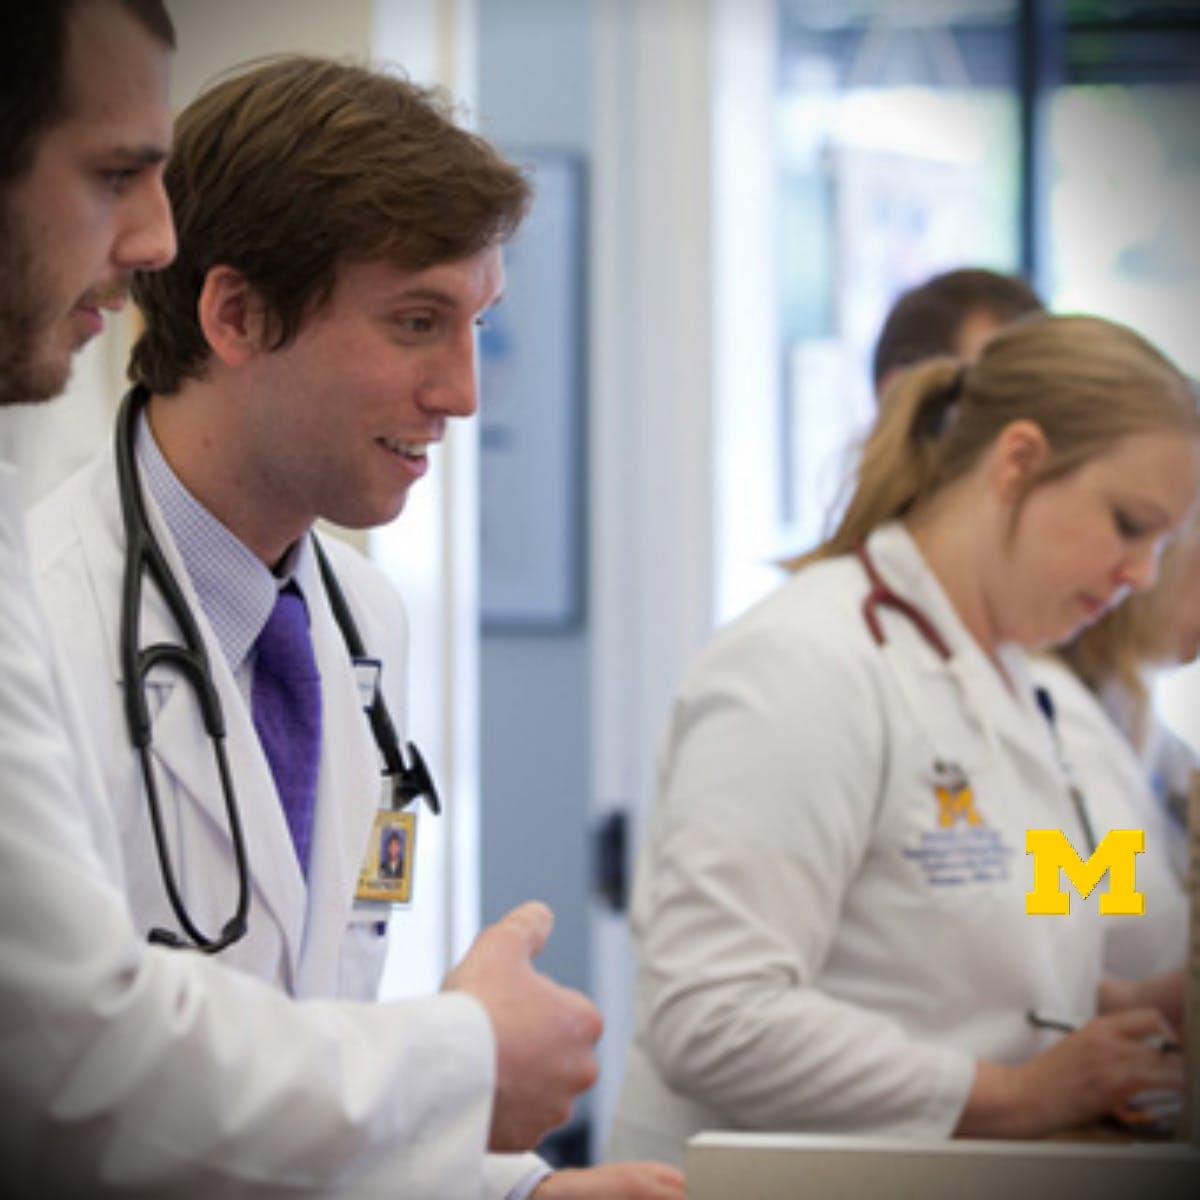 临床技能的教学和评估